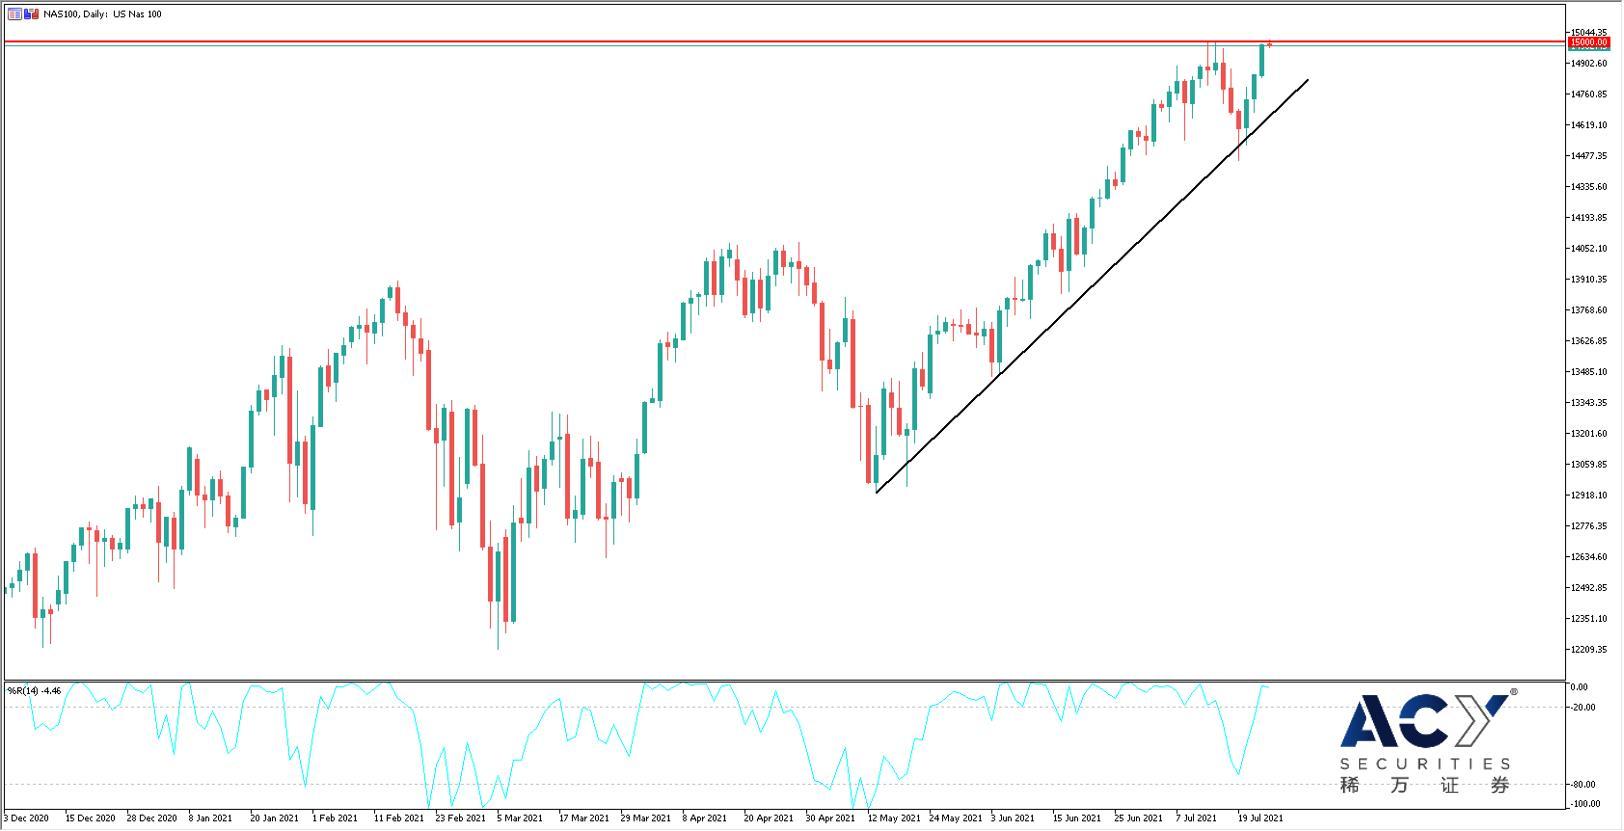 【ACY稀万证券】美国股市进入财报季,警惕财报利多股价走空